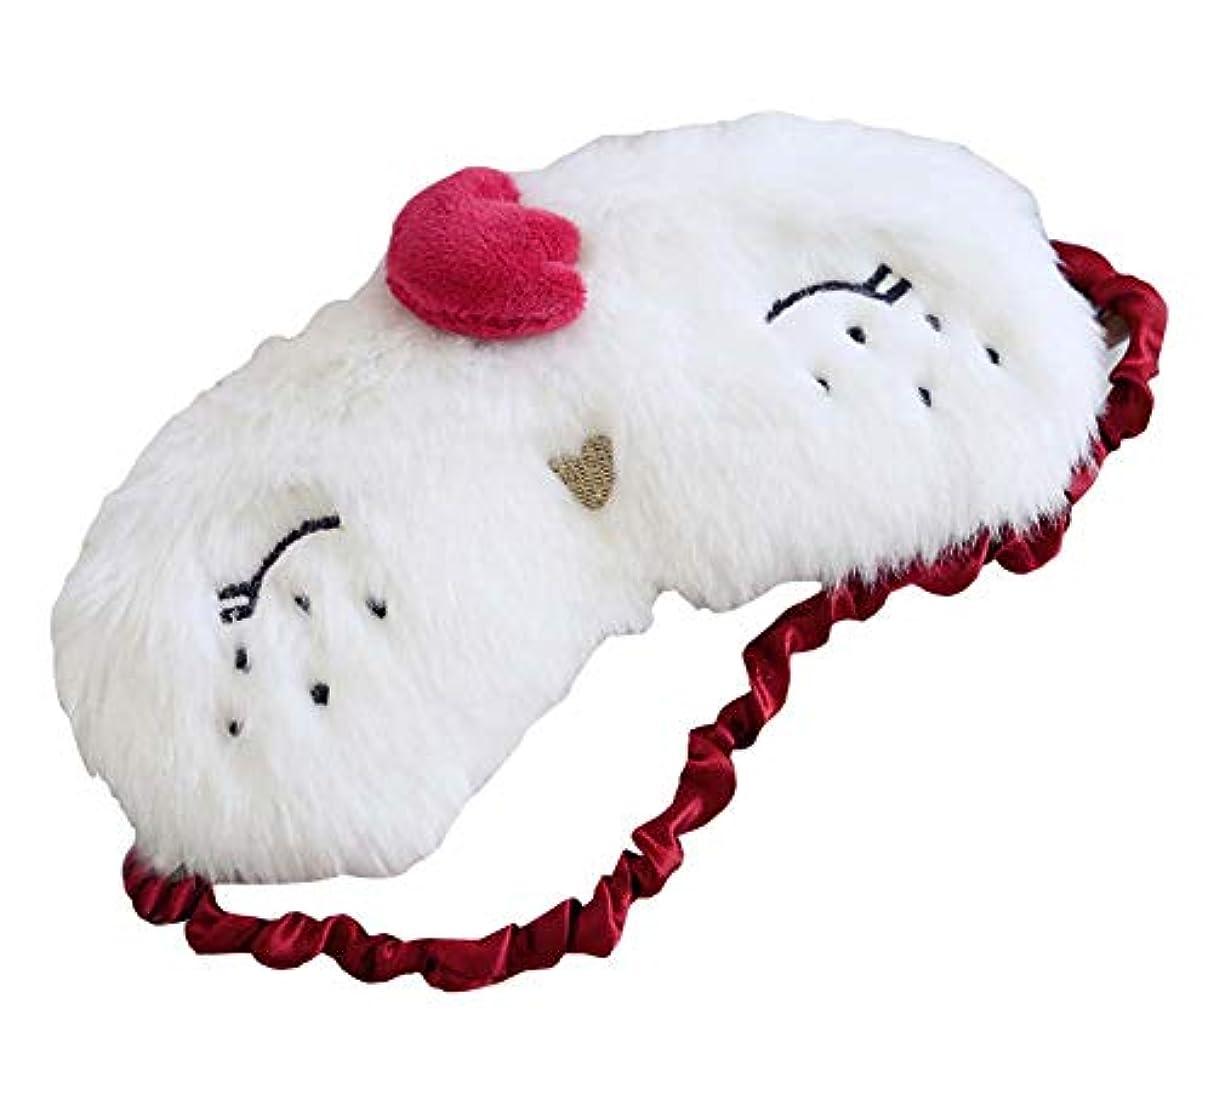 に頼るみがきます規範かわいい動物漫画チキン睡眠アイマスクソフトアイカバー目隠しマスク